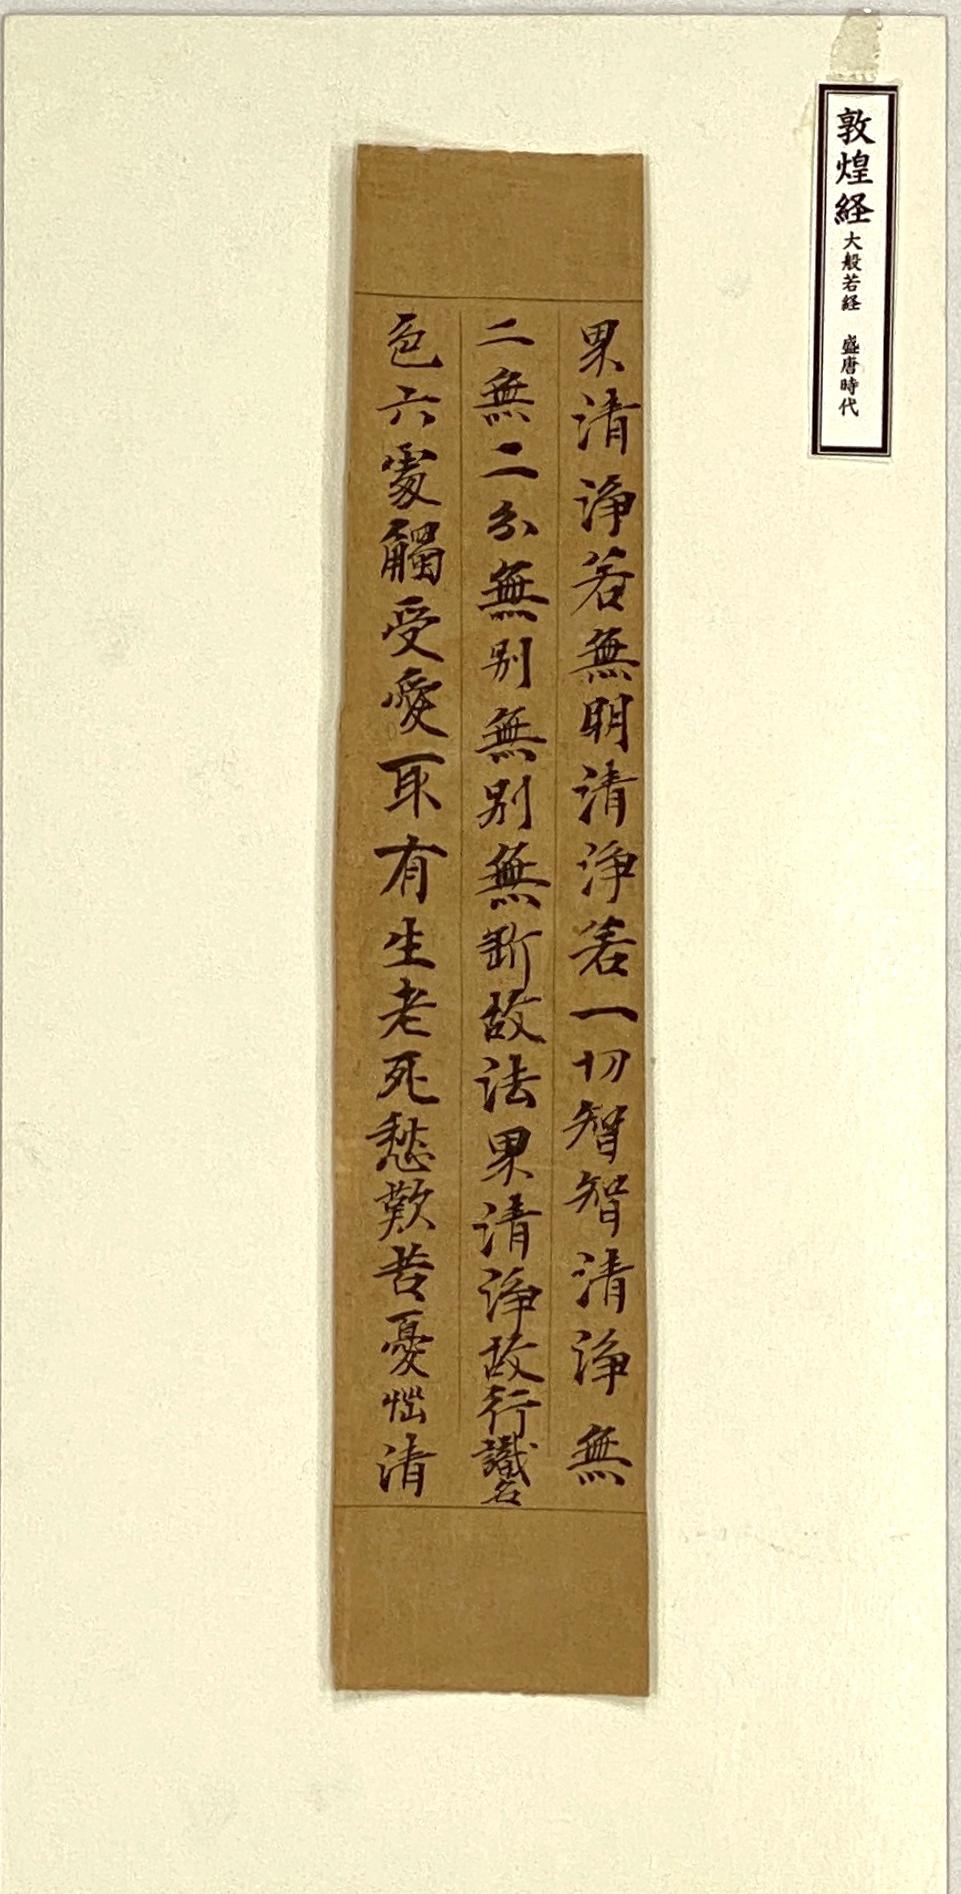 20661唐 敦煌経片25.5×5.5cm